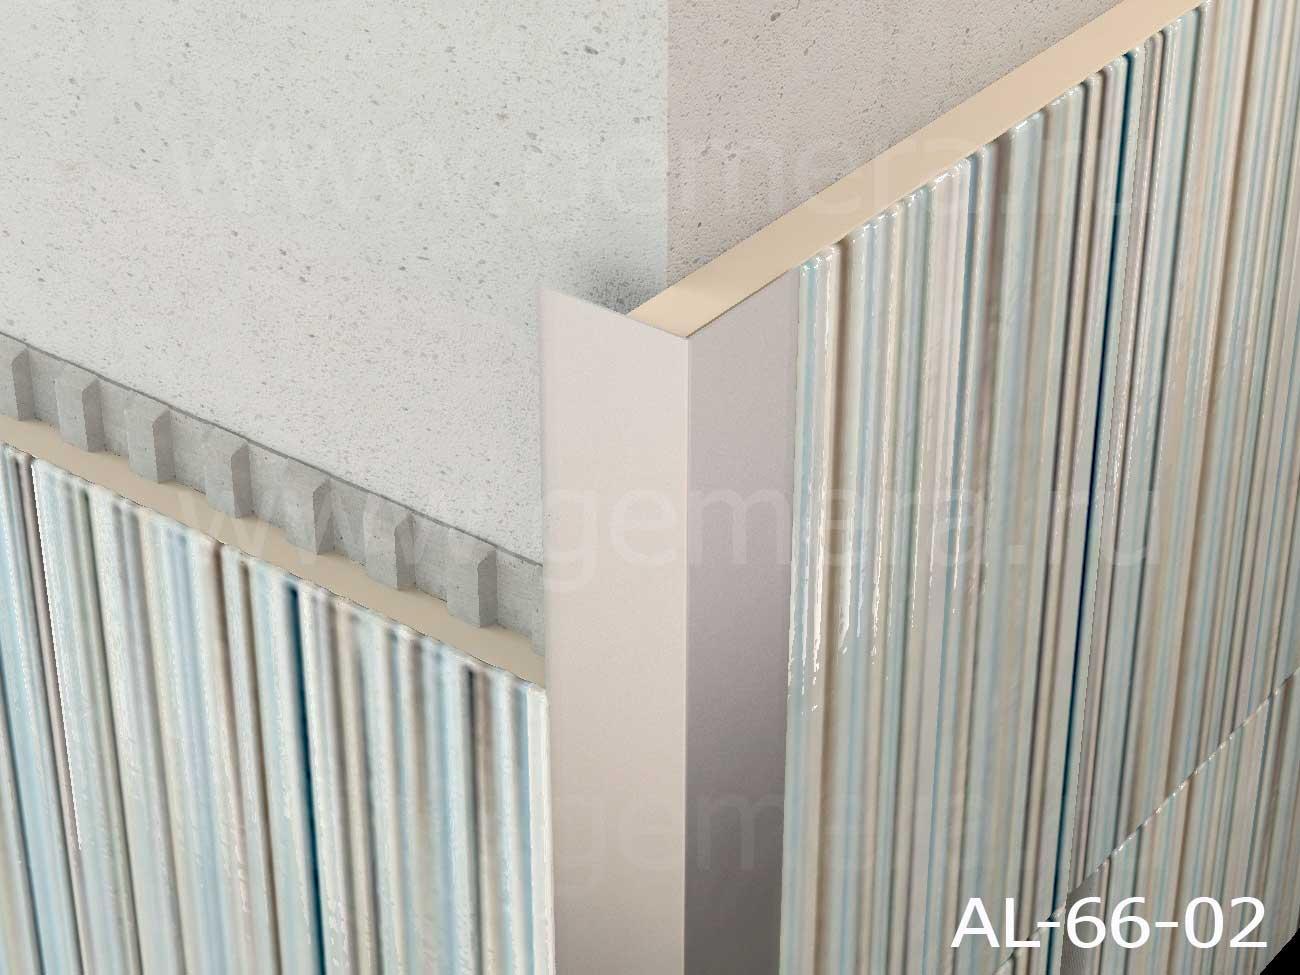 Уголок алюминиевый защитный Butun AL-66-02